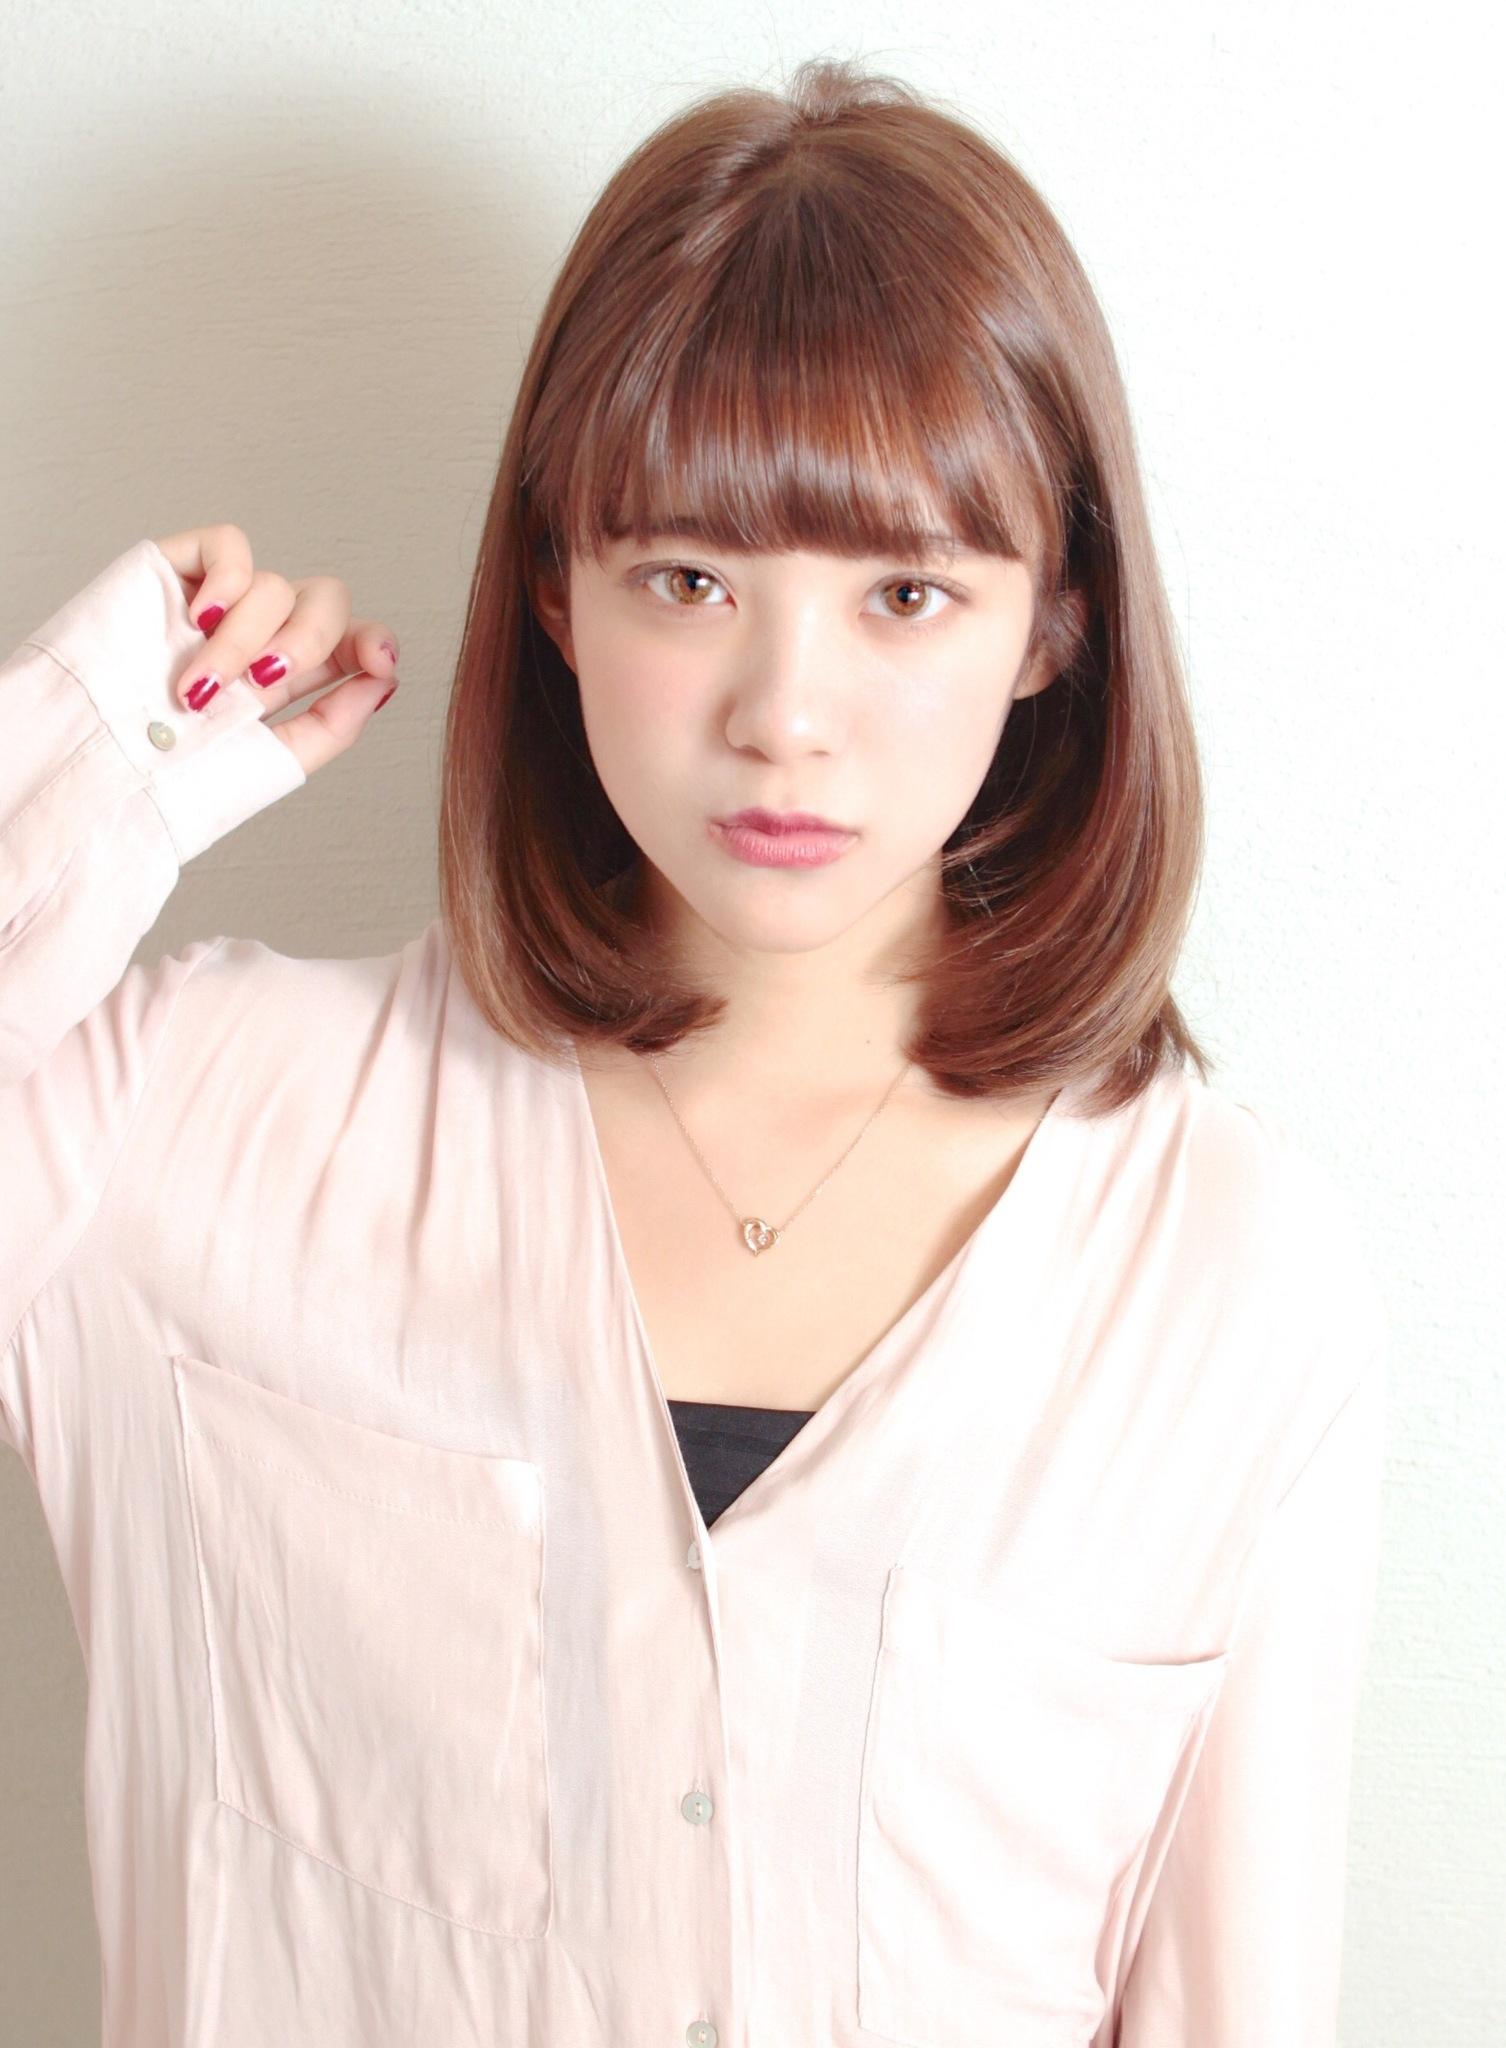 『東省吾』の吉岡里帆さん風ミディアムボブ